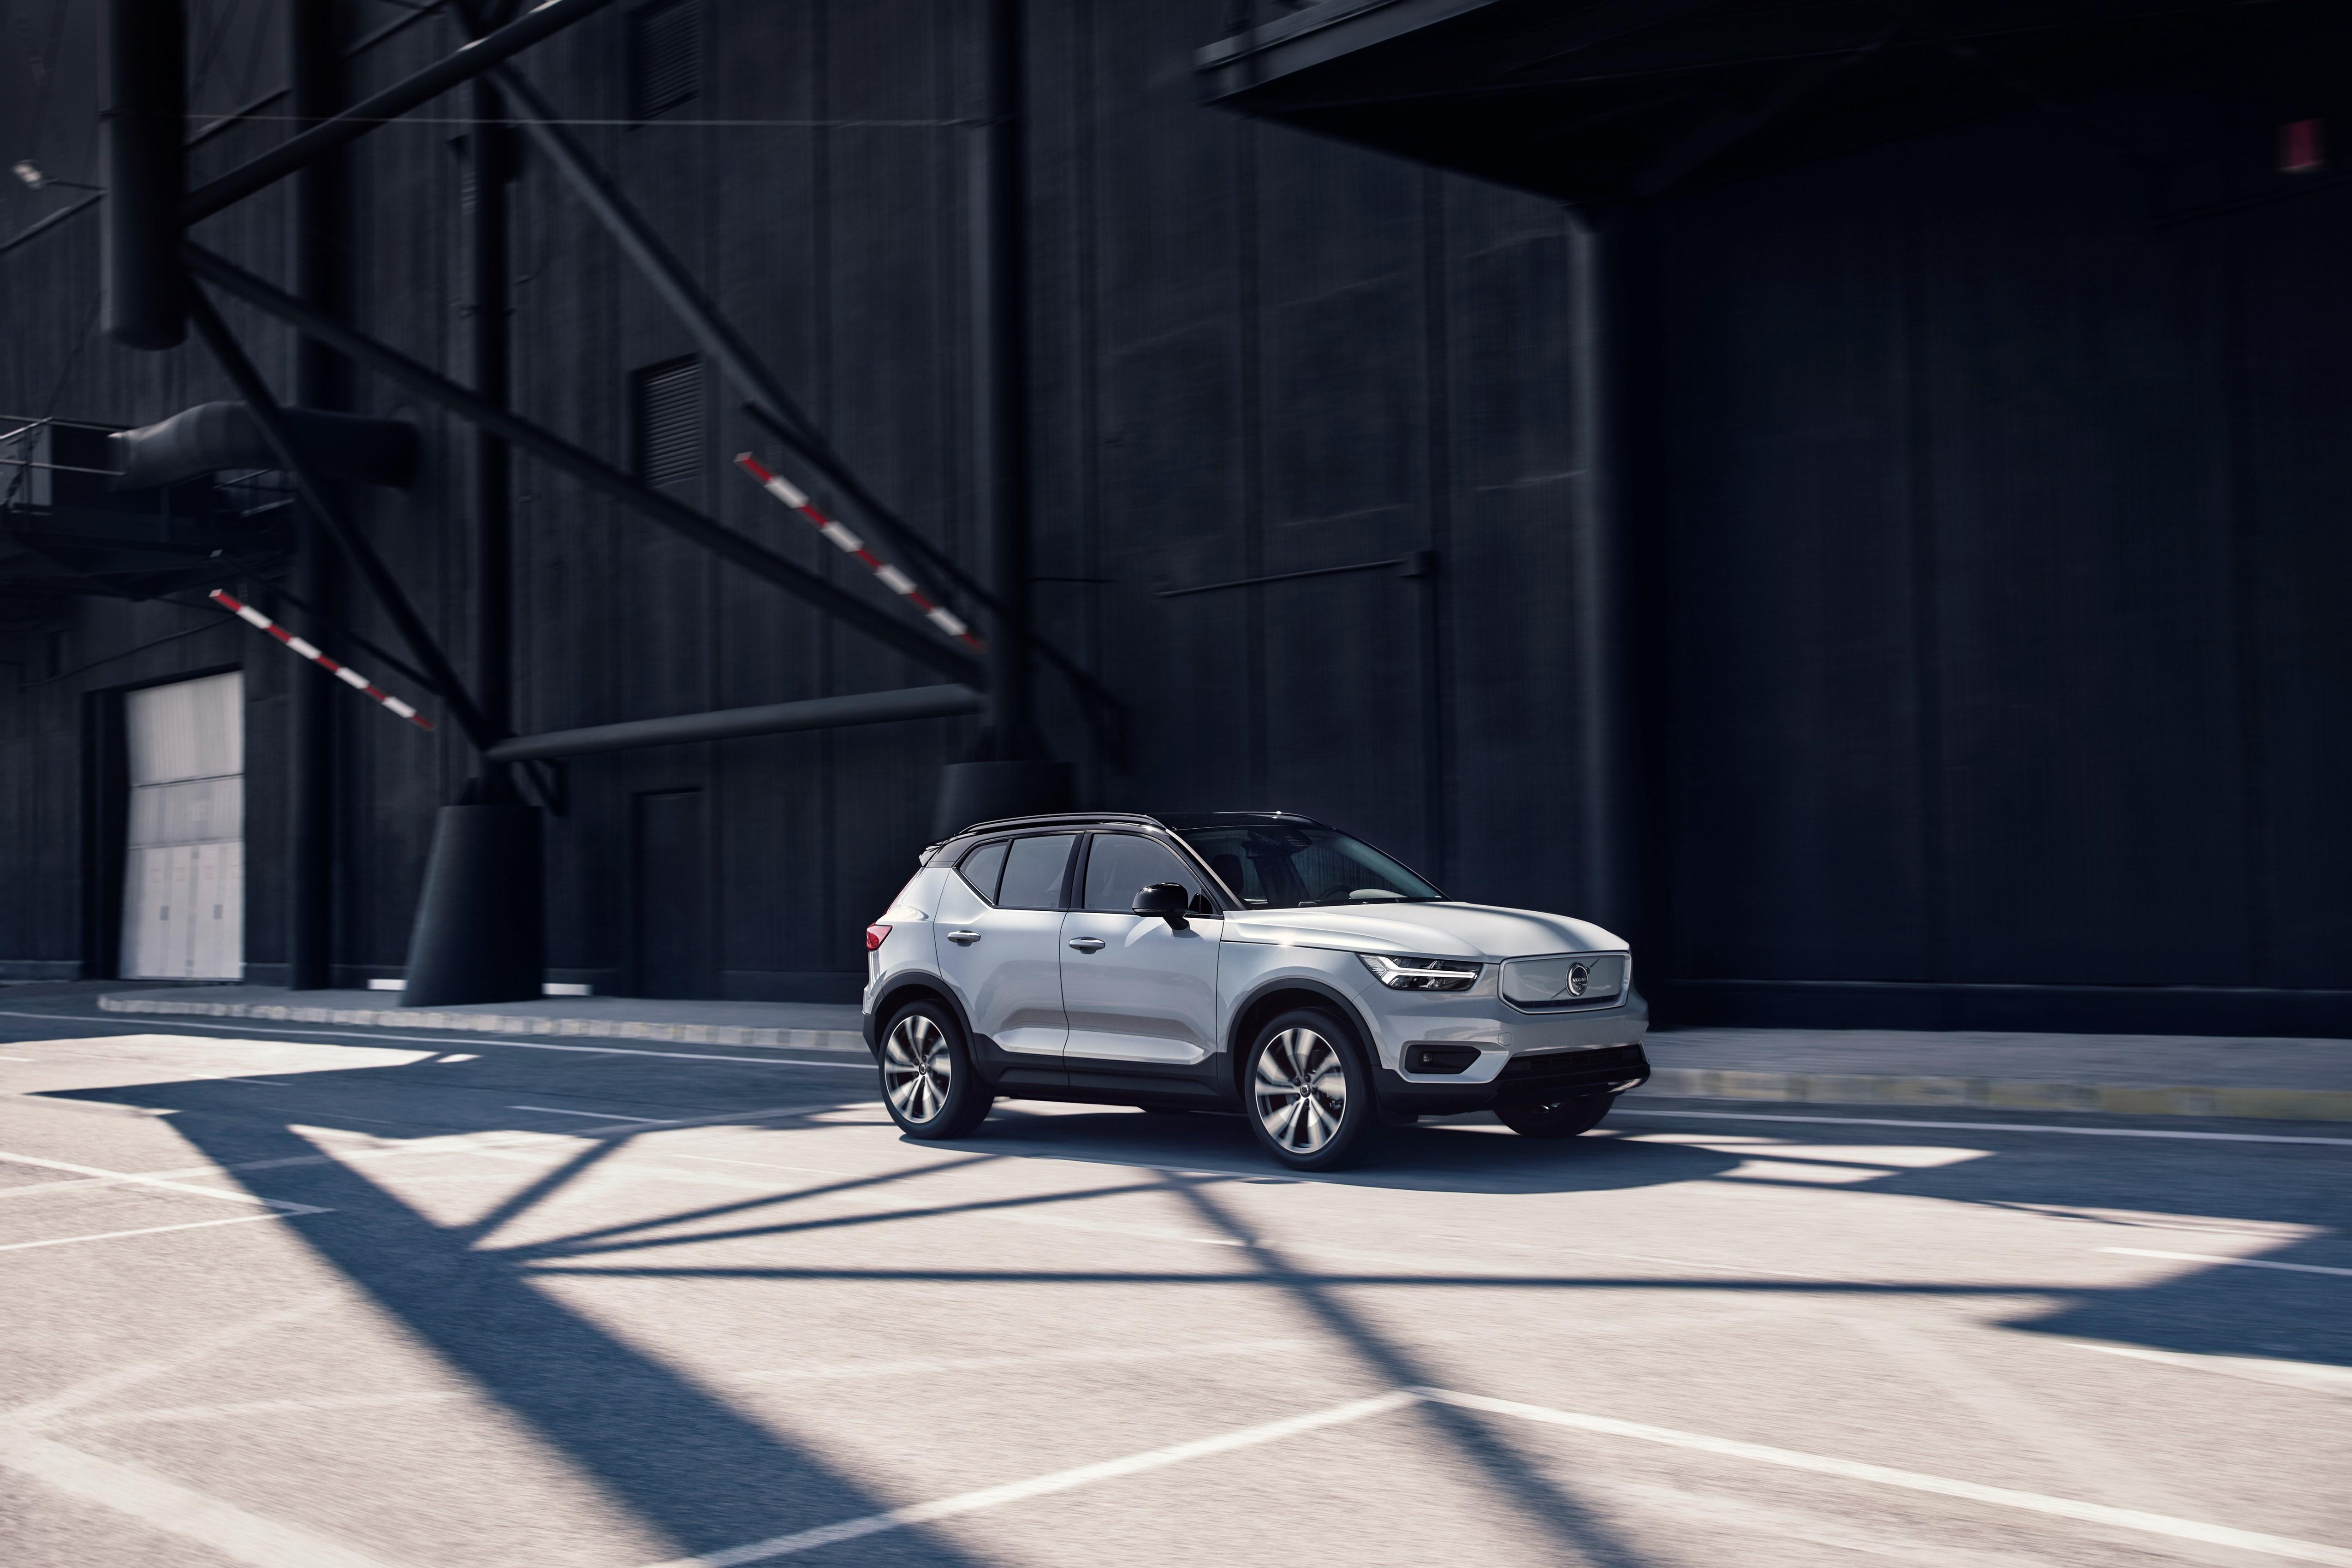 Volvo công bố mẫu xe XC40 Recharge - chiếc ô tô điện đầu tiên của hãngVolvo công bố mẫu xe XC40 Recharge - chiếc ô tô điện đầu tiên của hãng